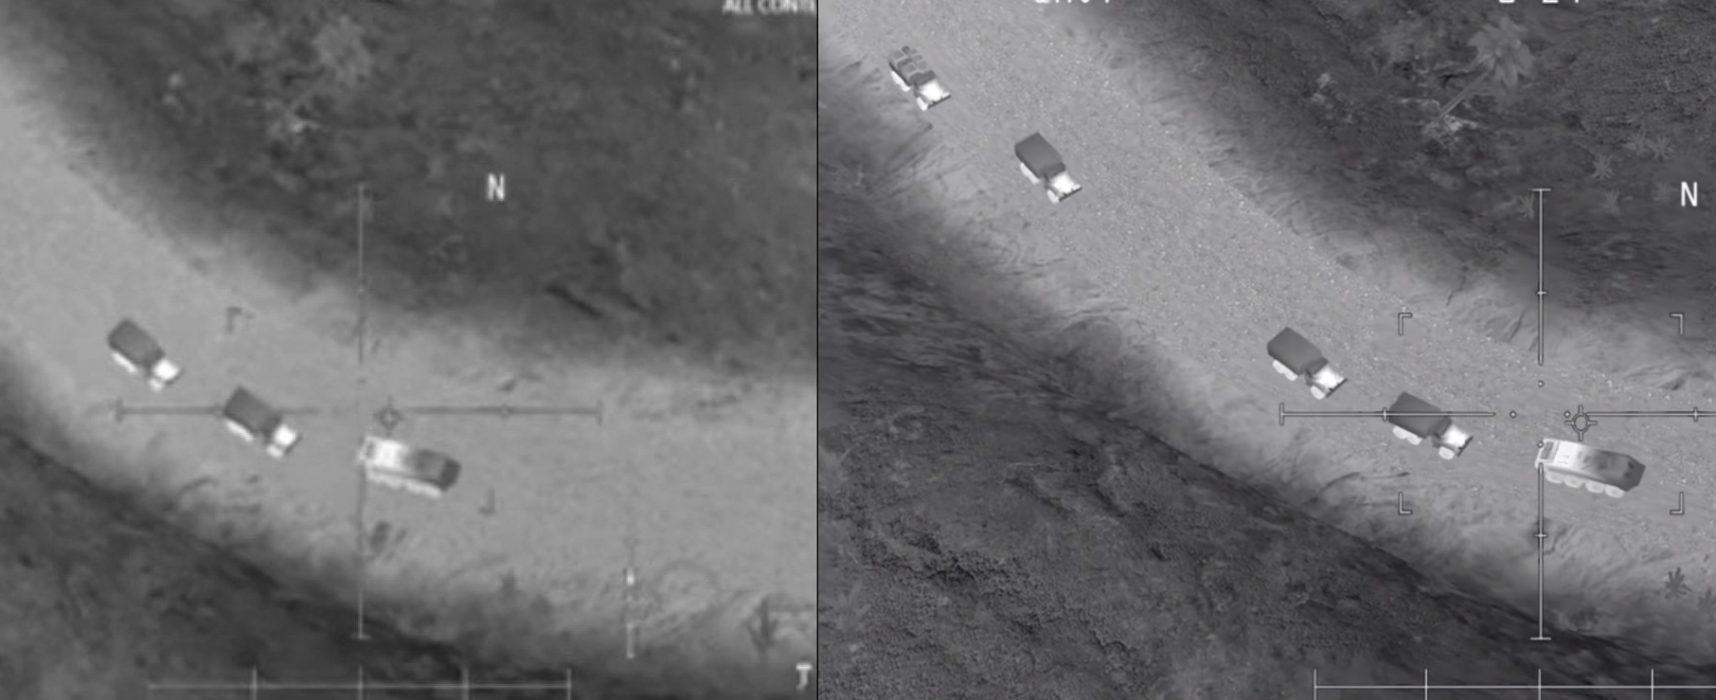 Минобороны РФ попалось на фейке: вместо фото показали кадры из игры